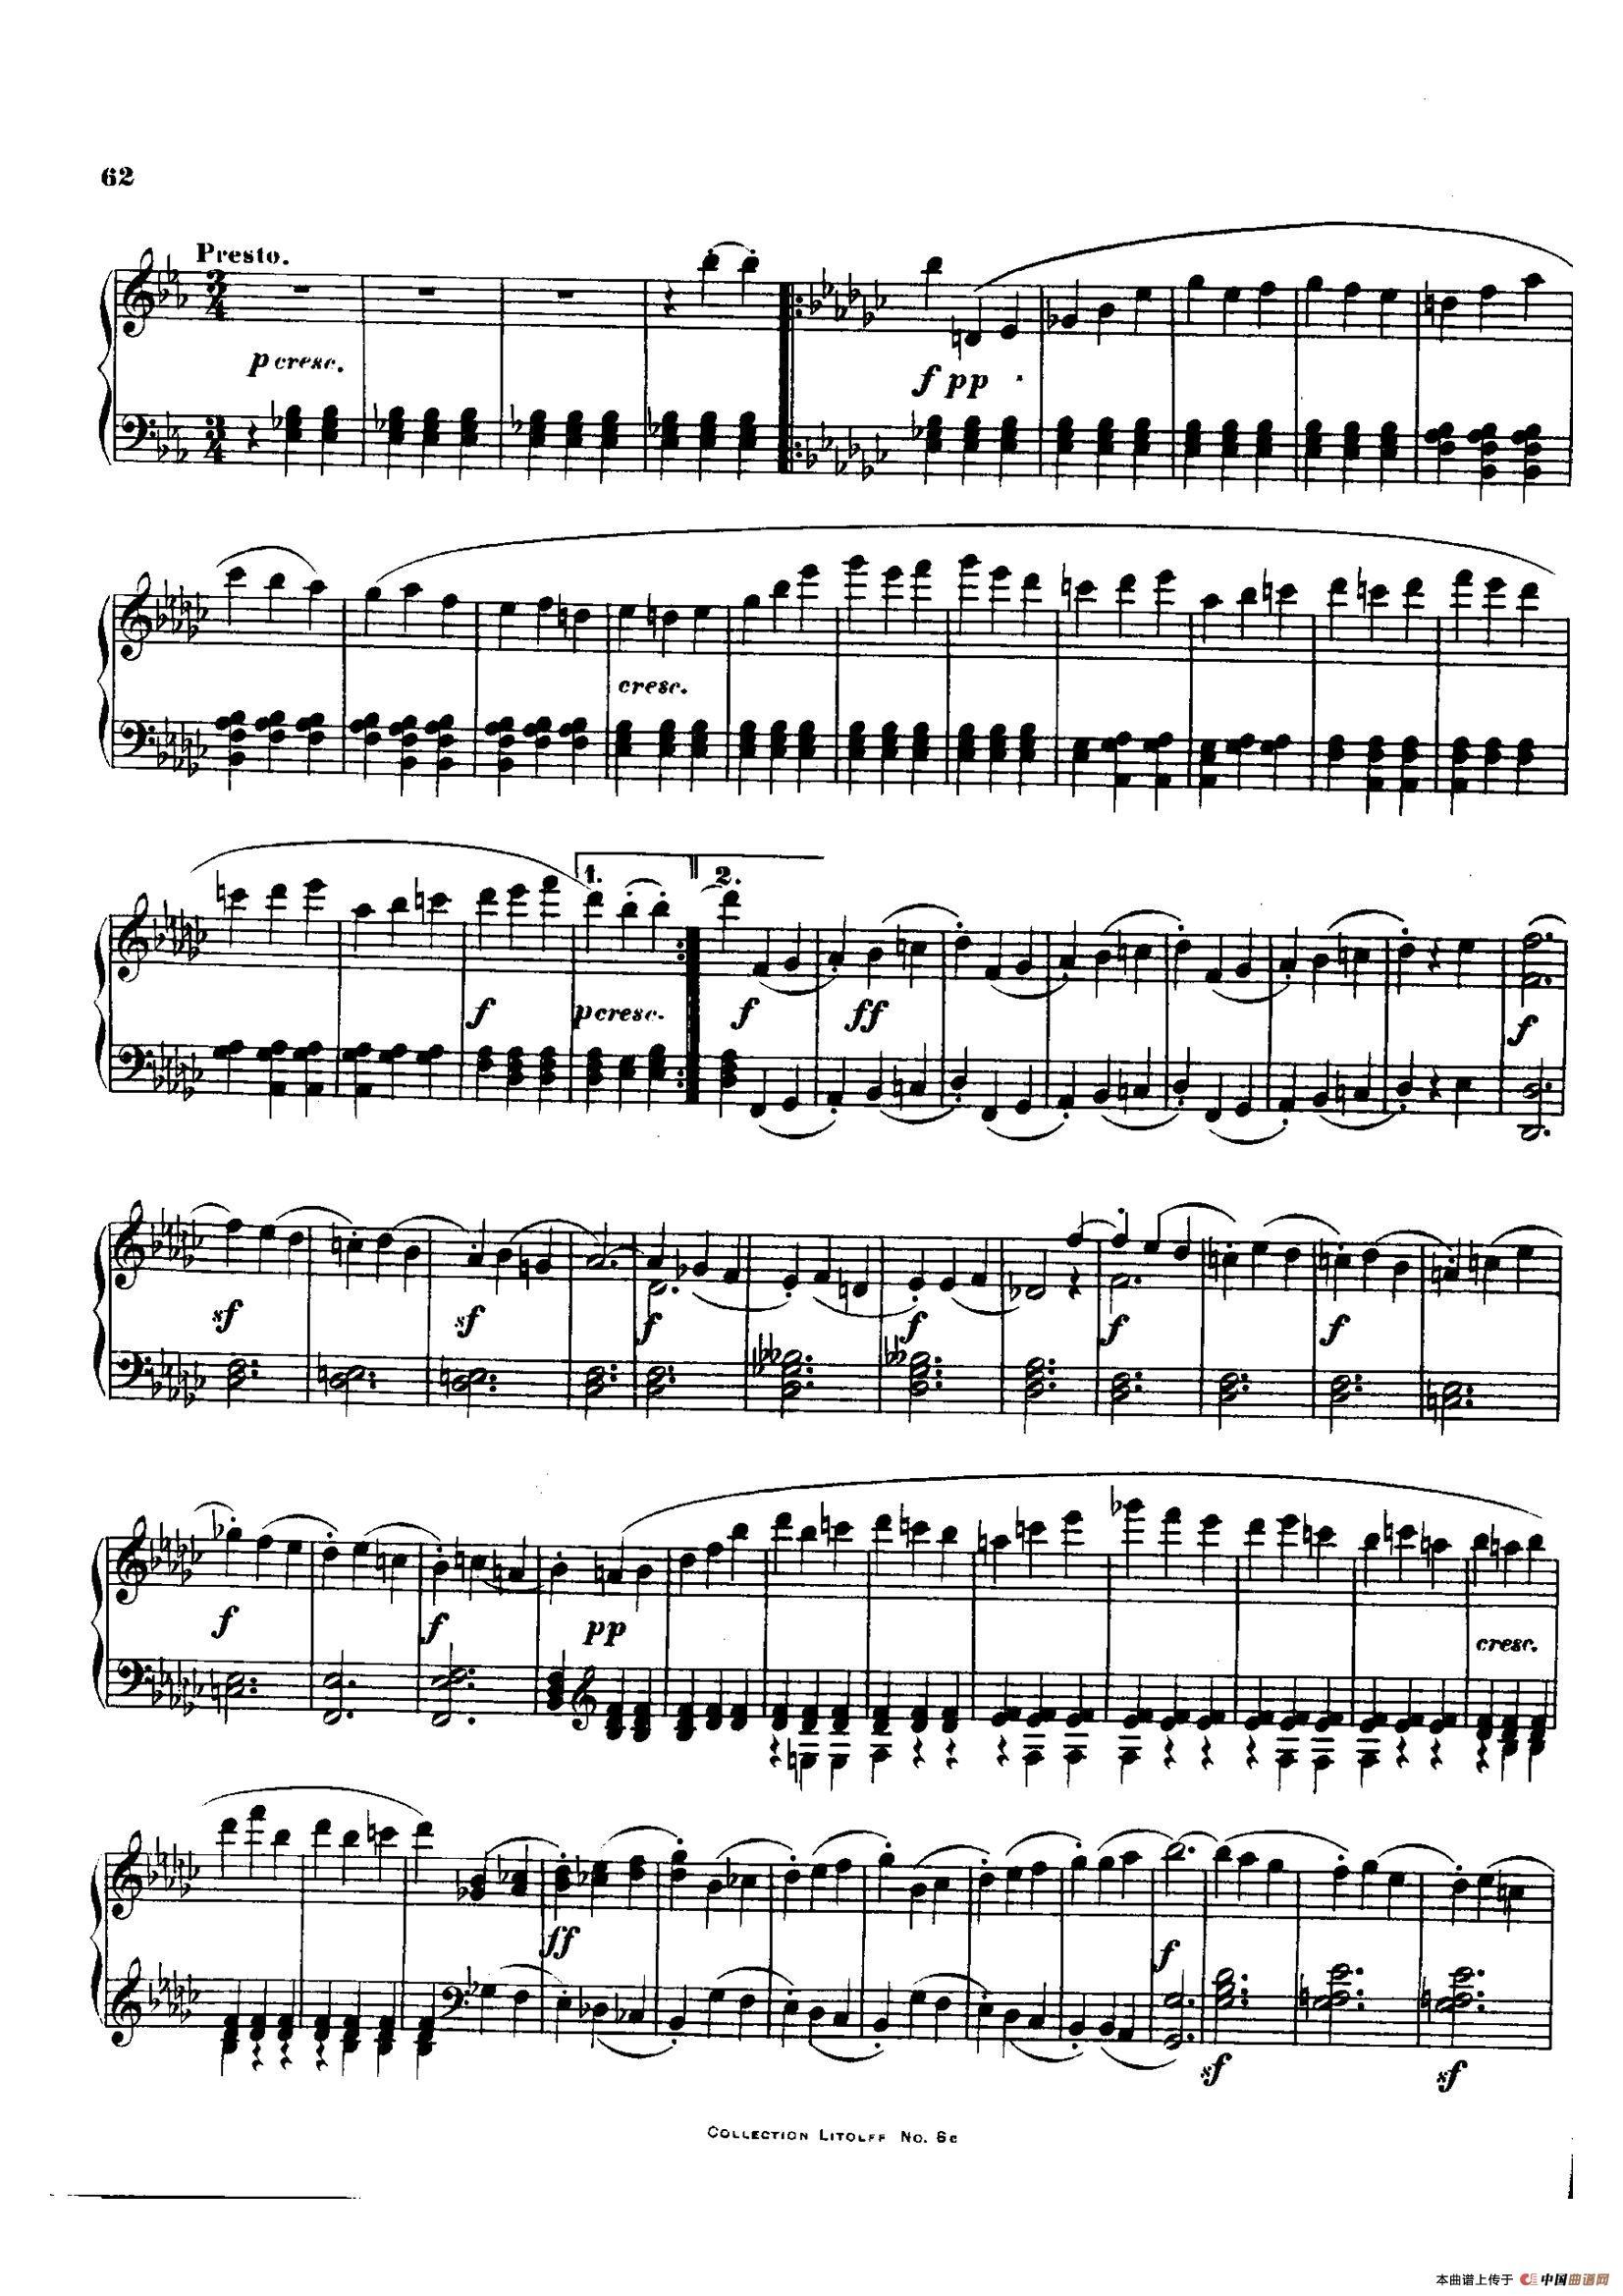 降E大调第十二弦乐四重奏(钢琴独奏版)(1)_原文件名:017.jpg